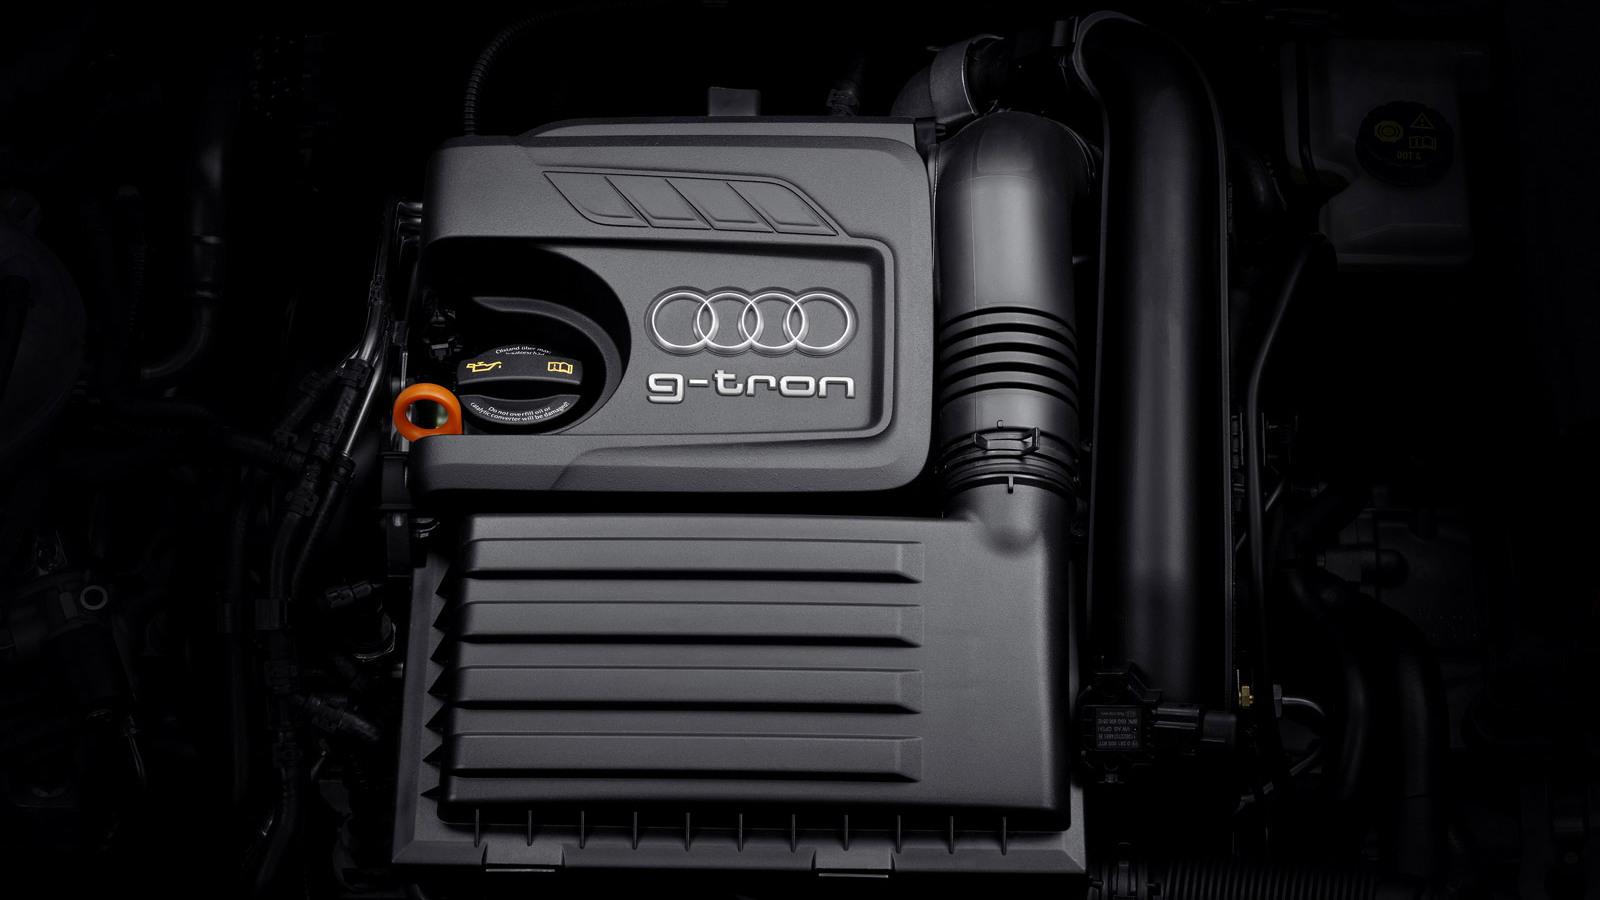 2014 Audi A3 g-tron